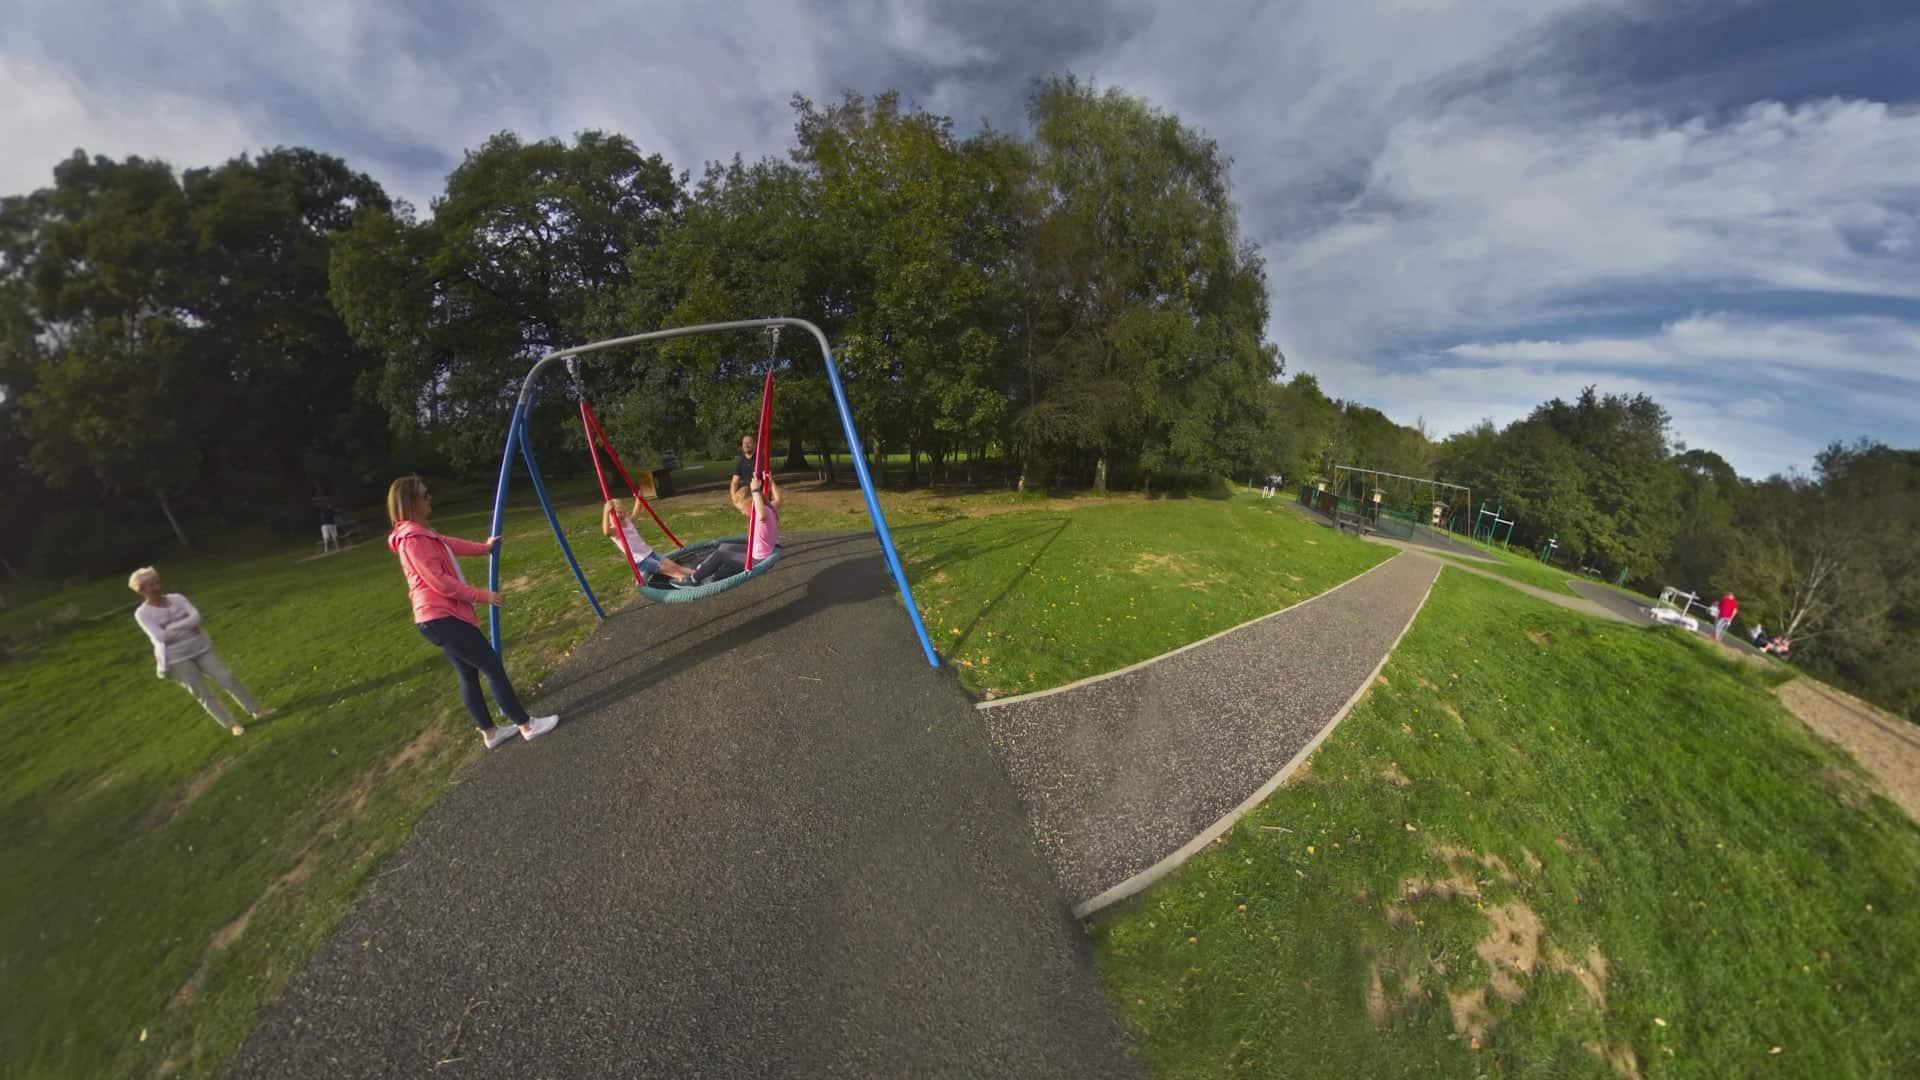 Bryngarw Playground